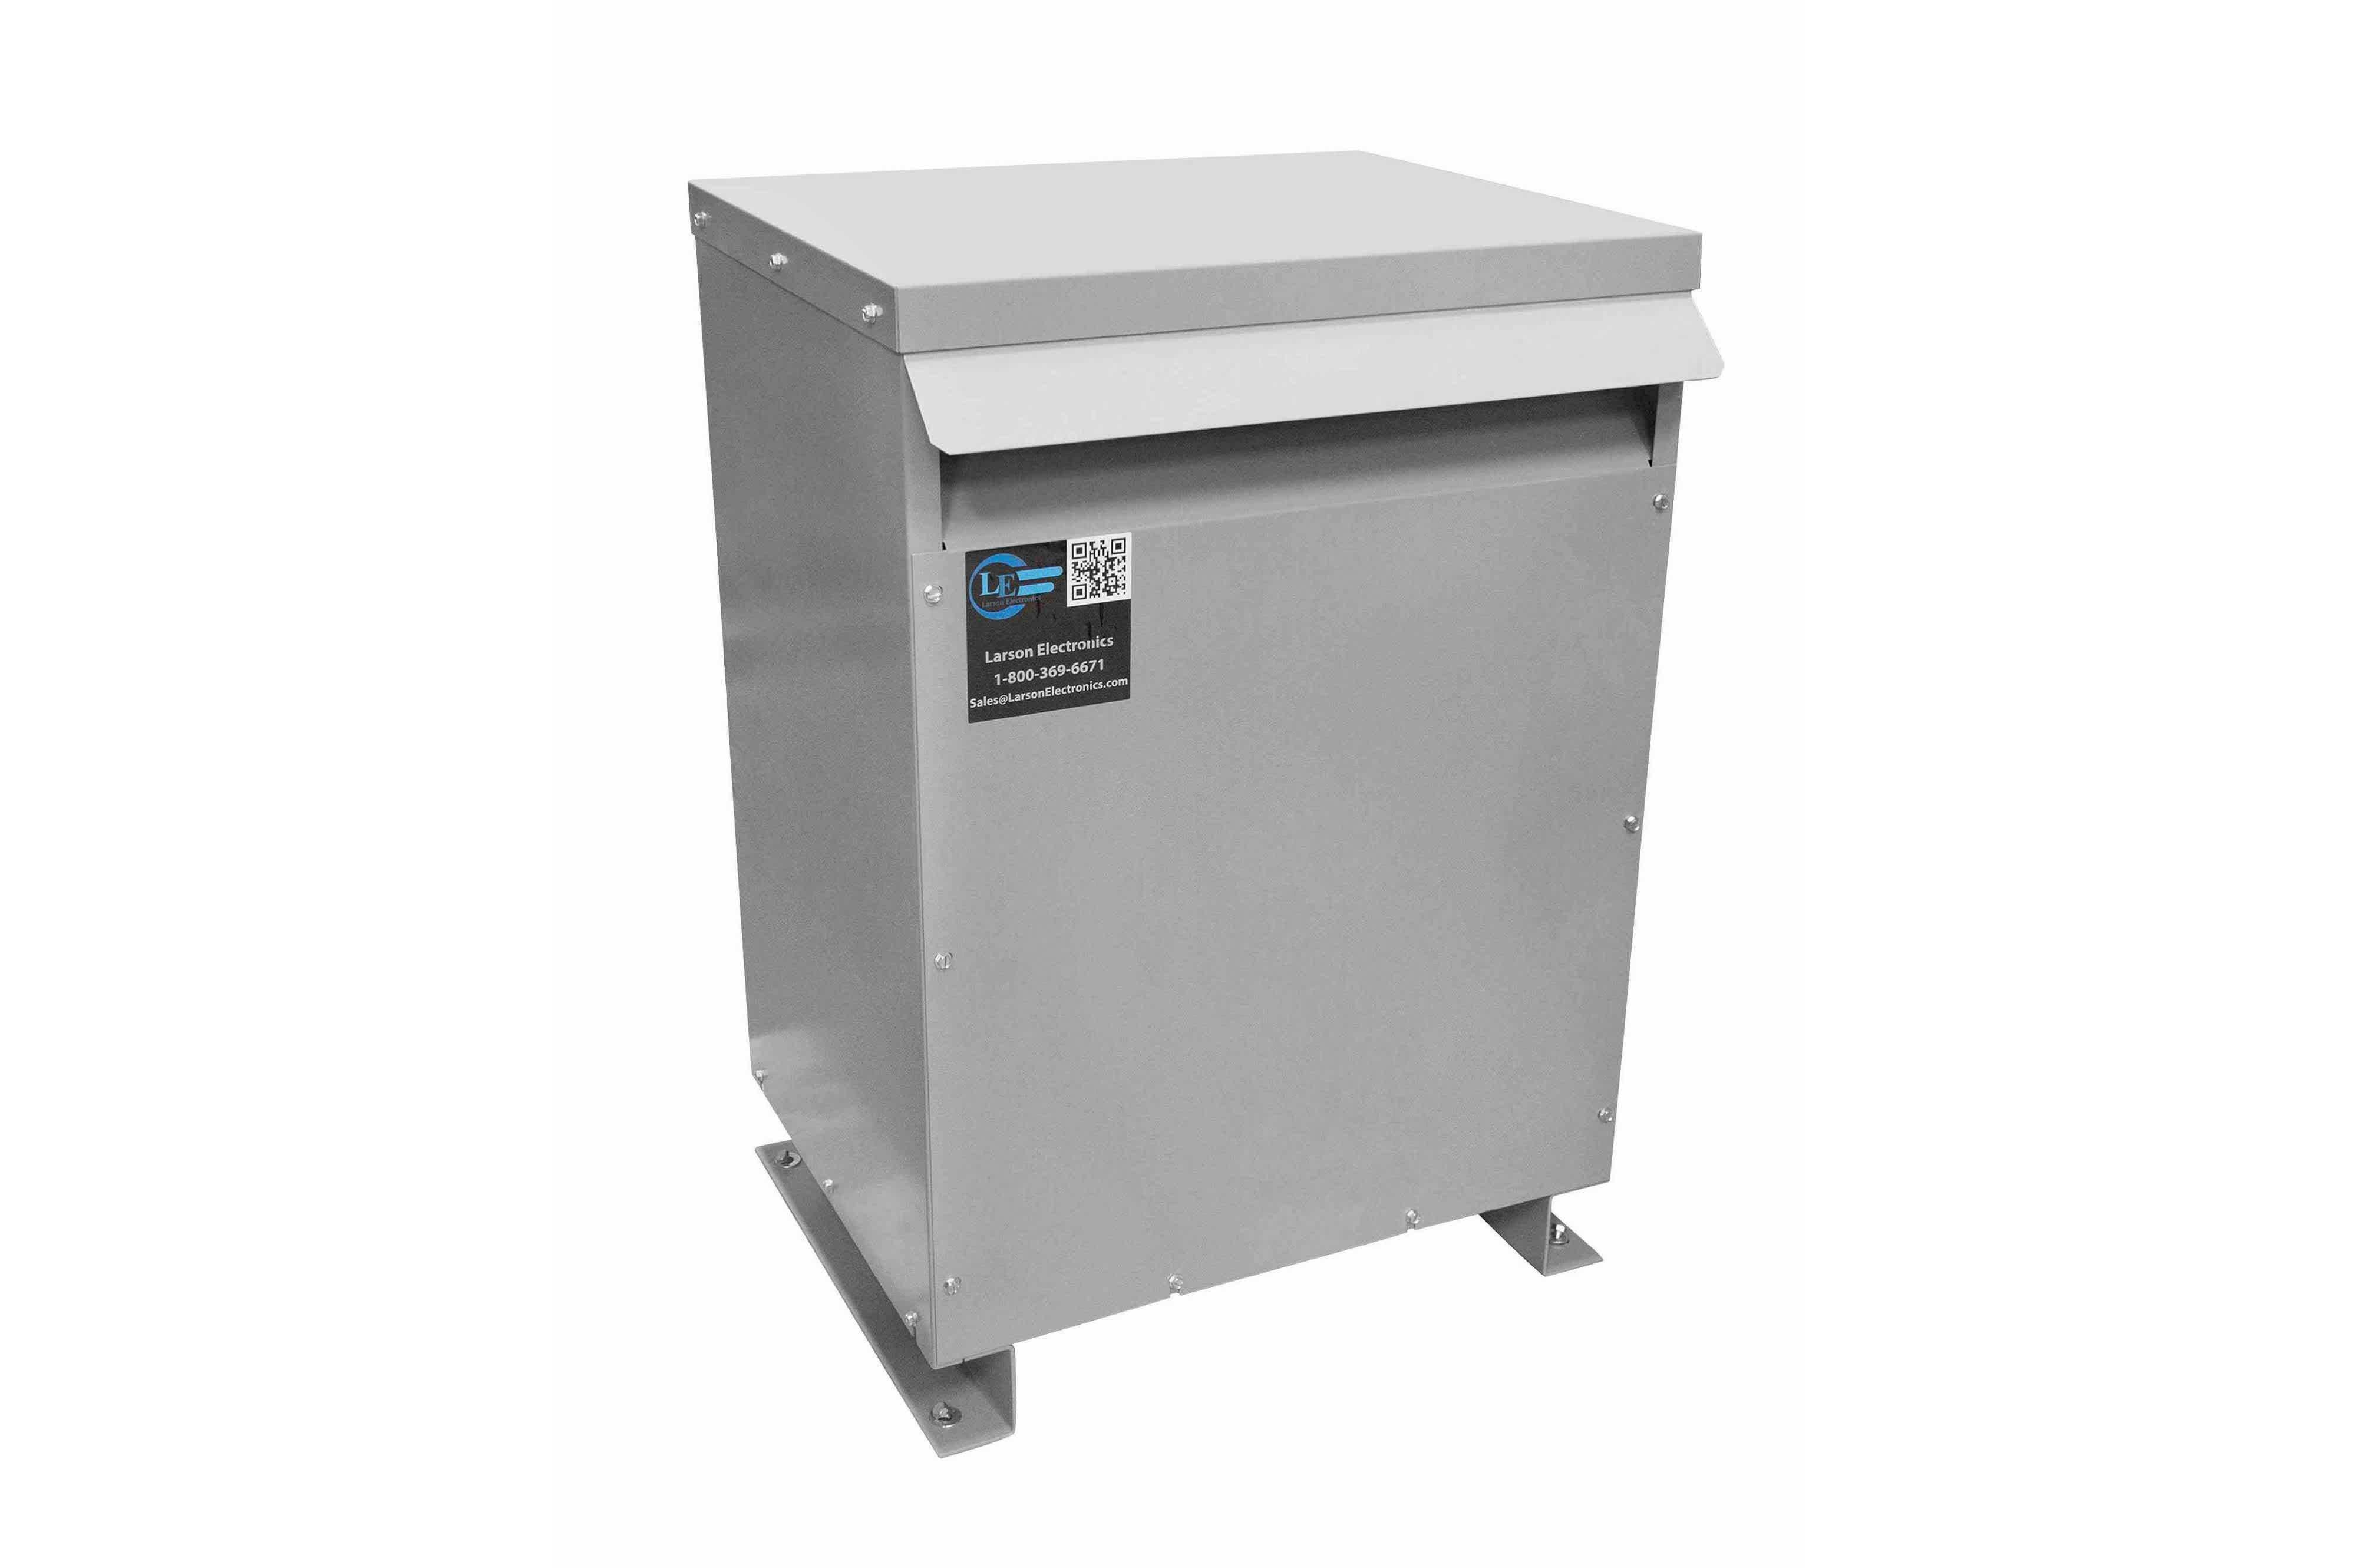 250 kVA 3PH DOE Transformer, 480V Delta Primary, 240V/120 Delta Secondary, N3R, Ventilated, 60 Hz